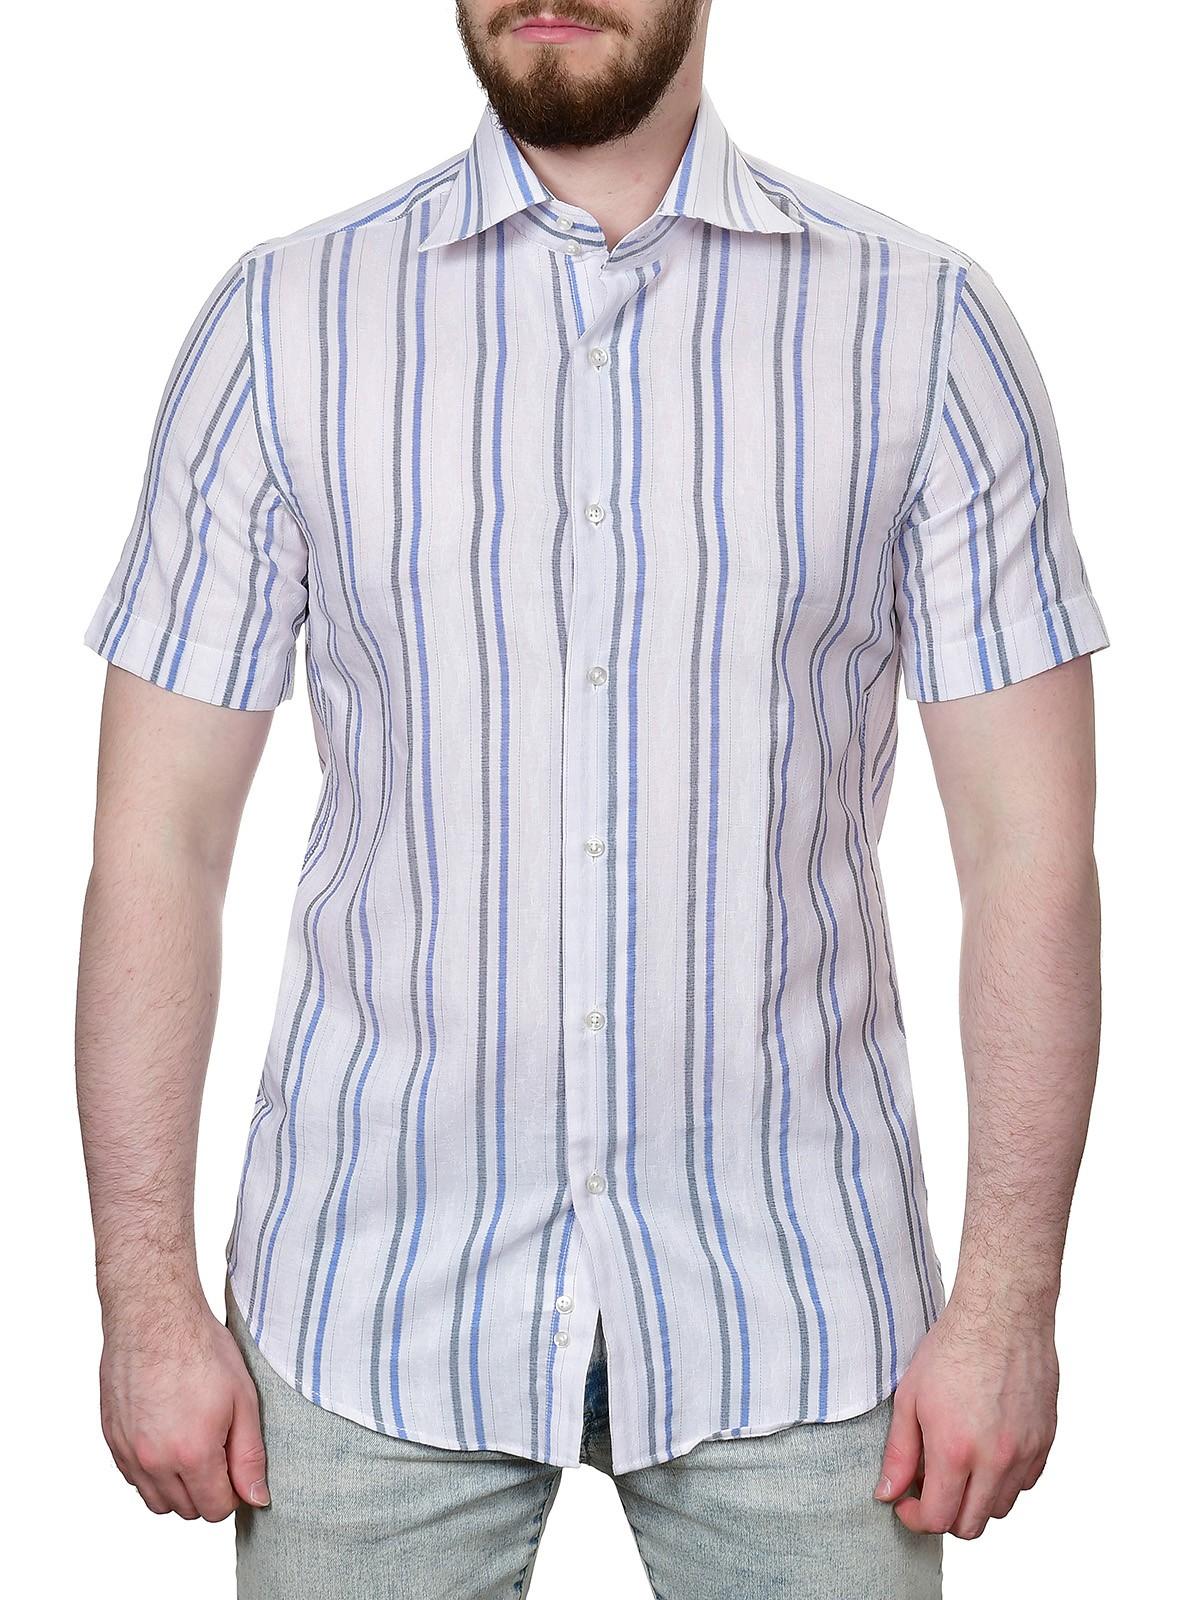 купить Рубашка Fayzoff S.A. по цене 1649 рублей